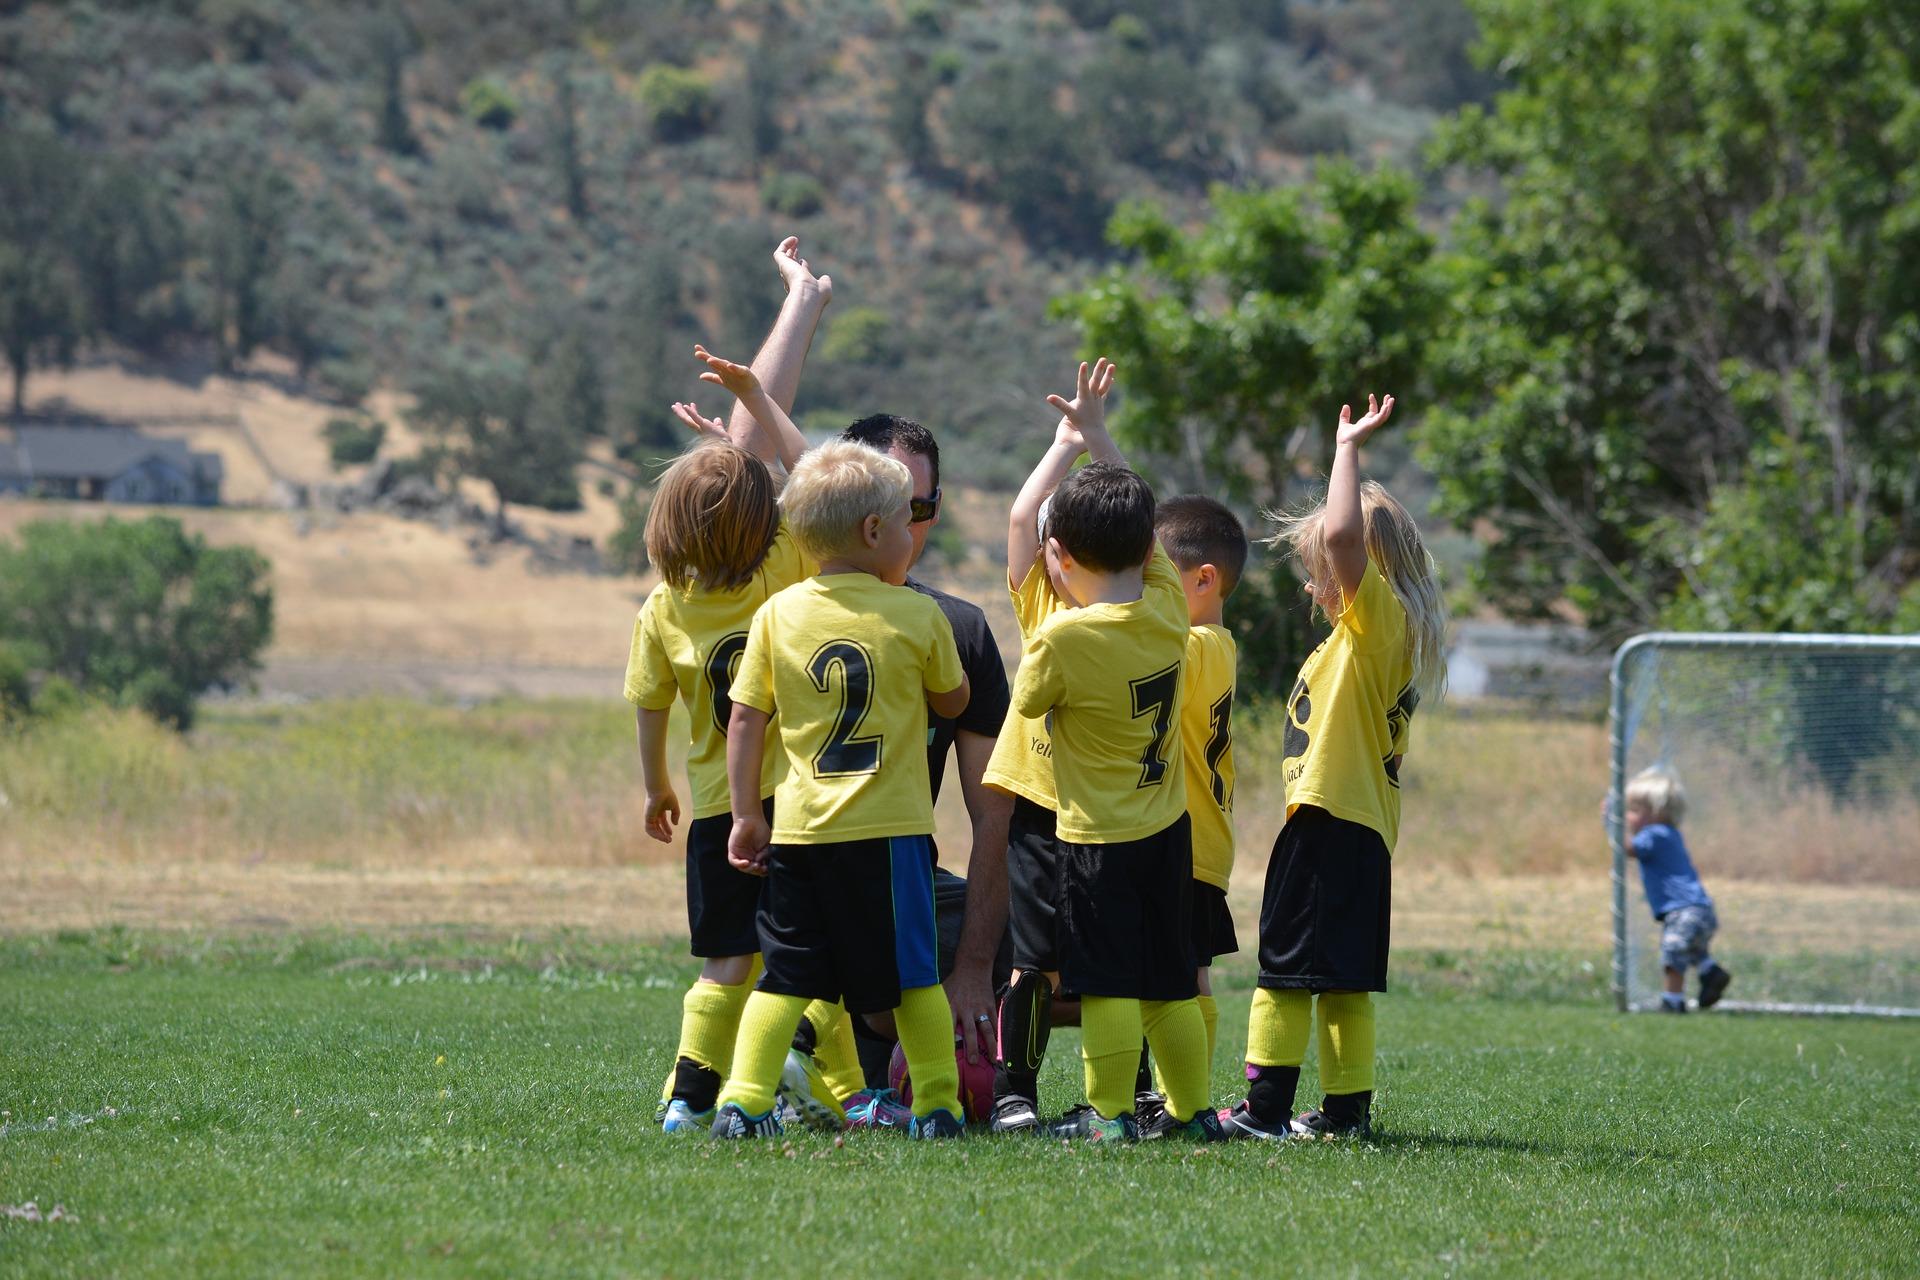 ventajas psicológicas de practicar deportes en equipo